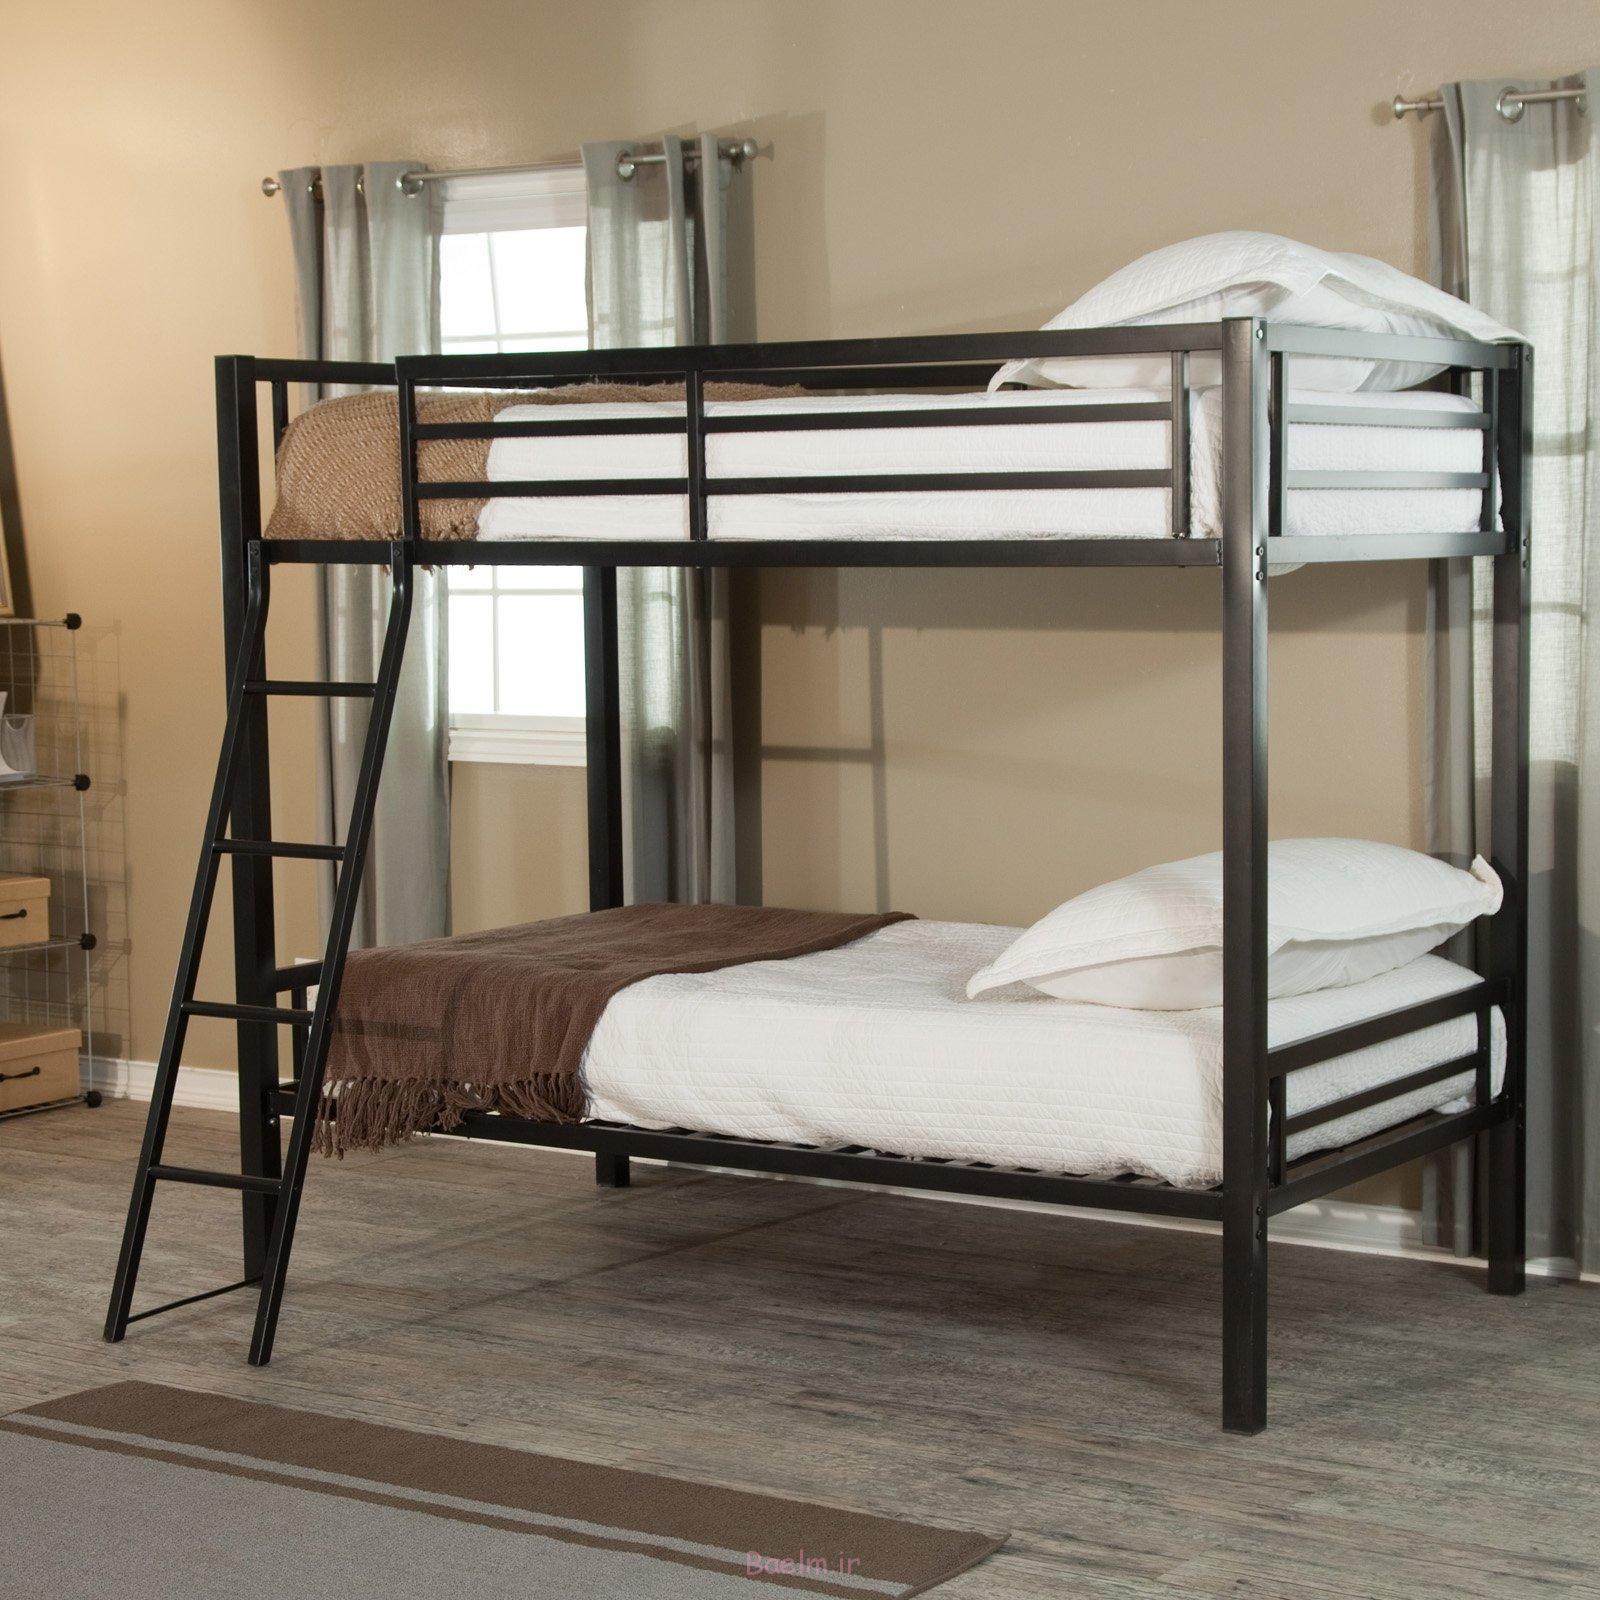 رسمی فلزی تخت تختخواب سفری برای کودکان و نوجوانان 2014 ایده